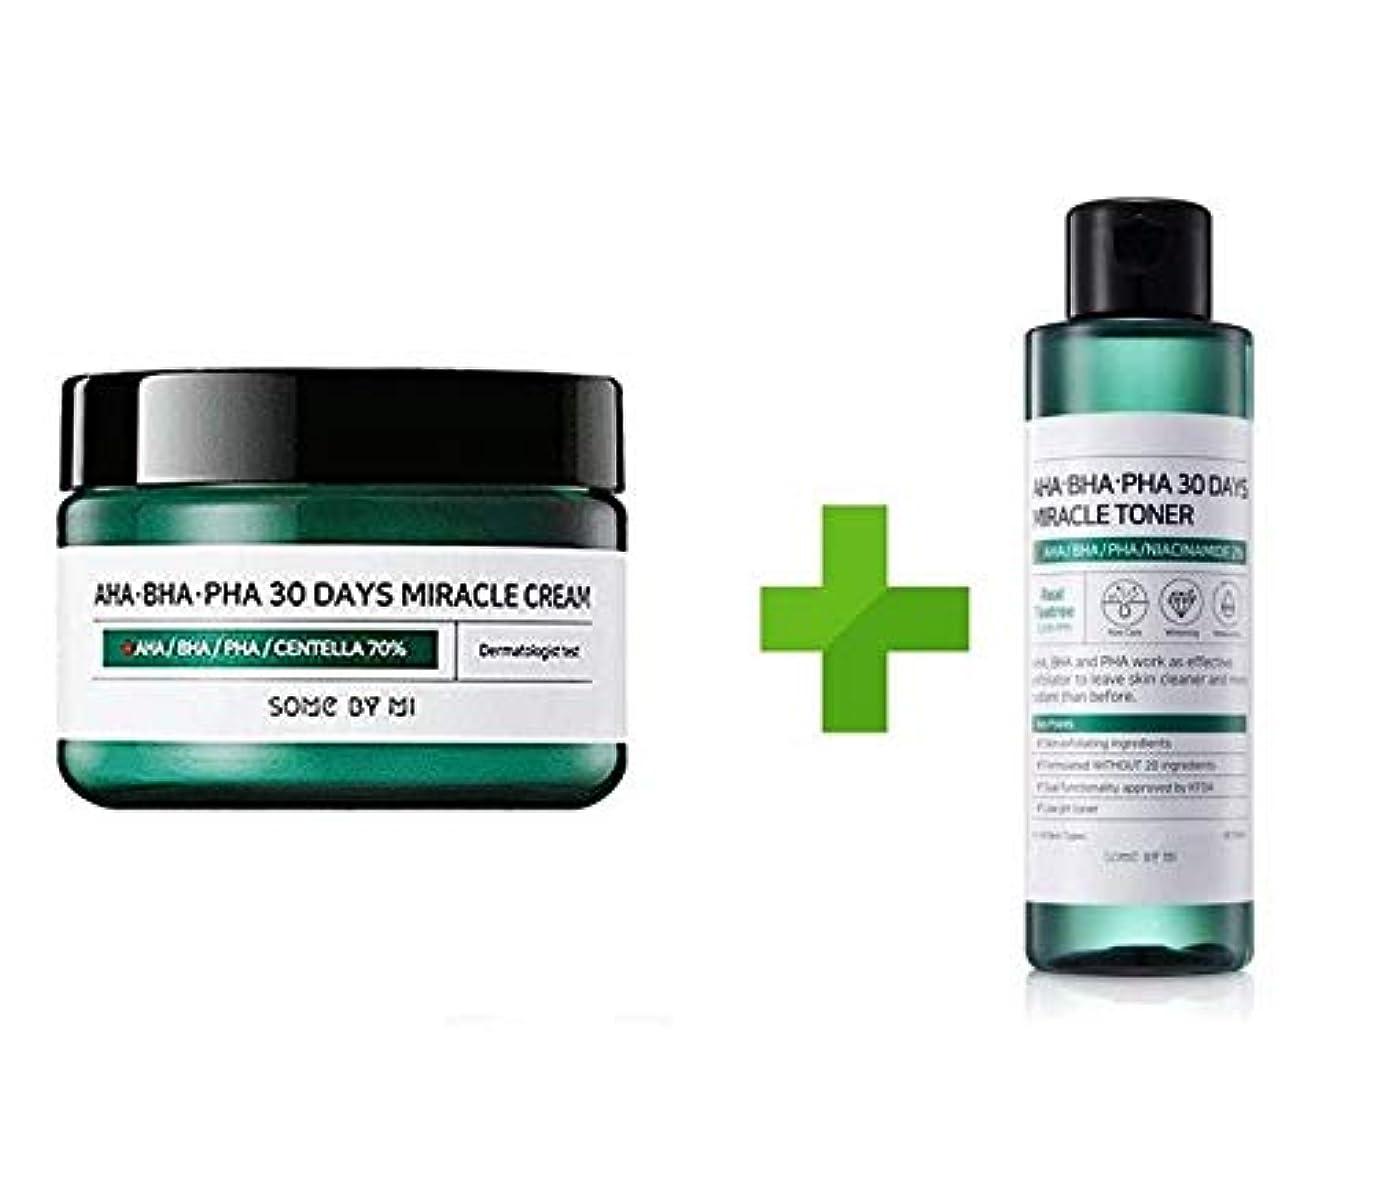 遅い気味の悪い一般的なSomebymi AHA BHA PHA Miracle Cream (50ml + Toner 150ml)Skin Barrier & Recovery, Soothing with Tea Tree 10,000ppm for Wrinkle & Whitening/Korea Cosmetics [並行輸入品]